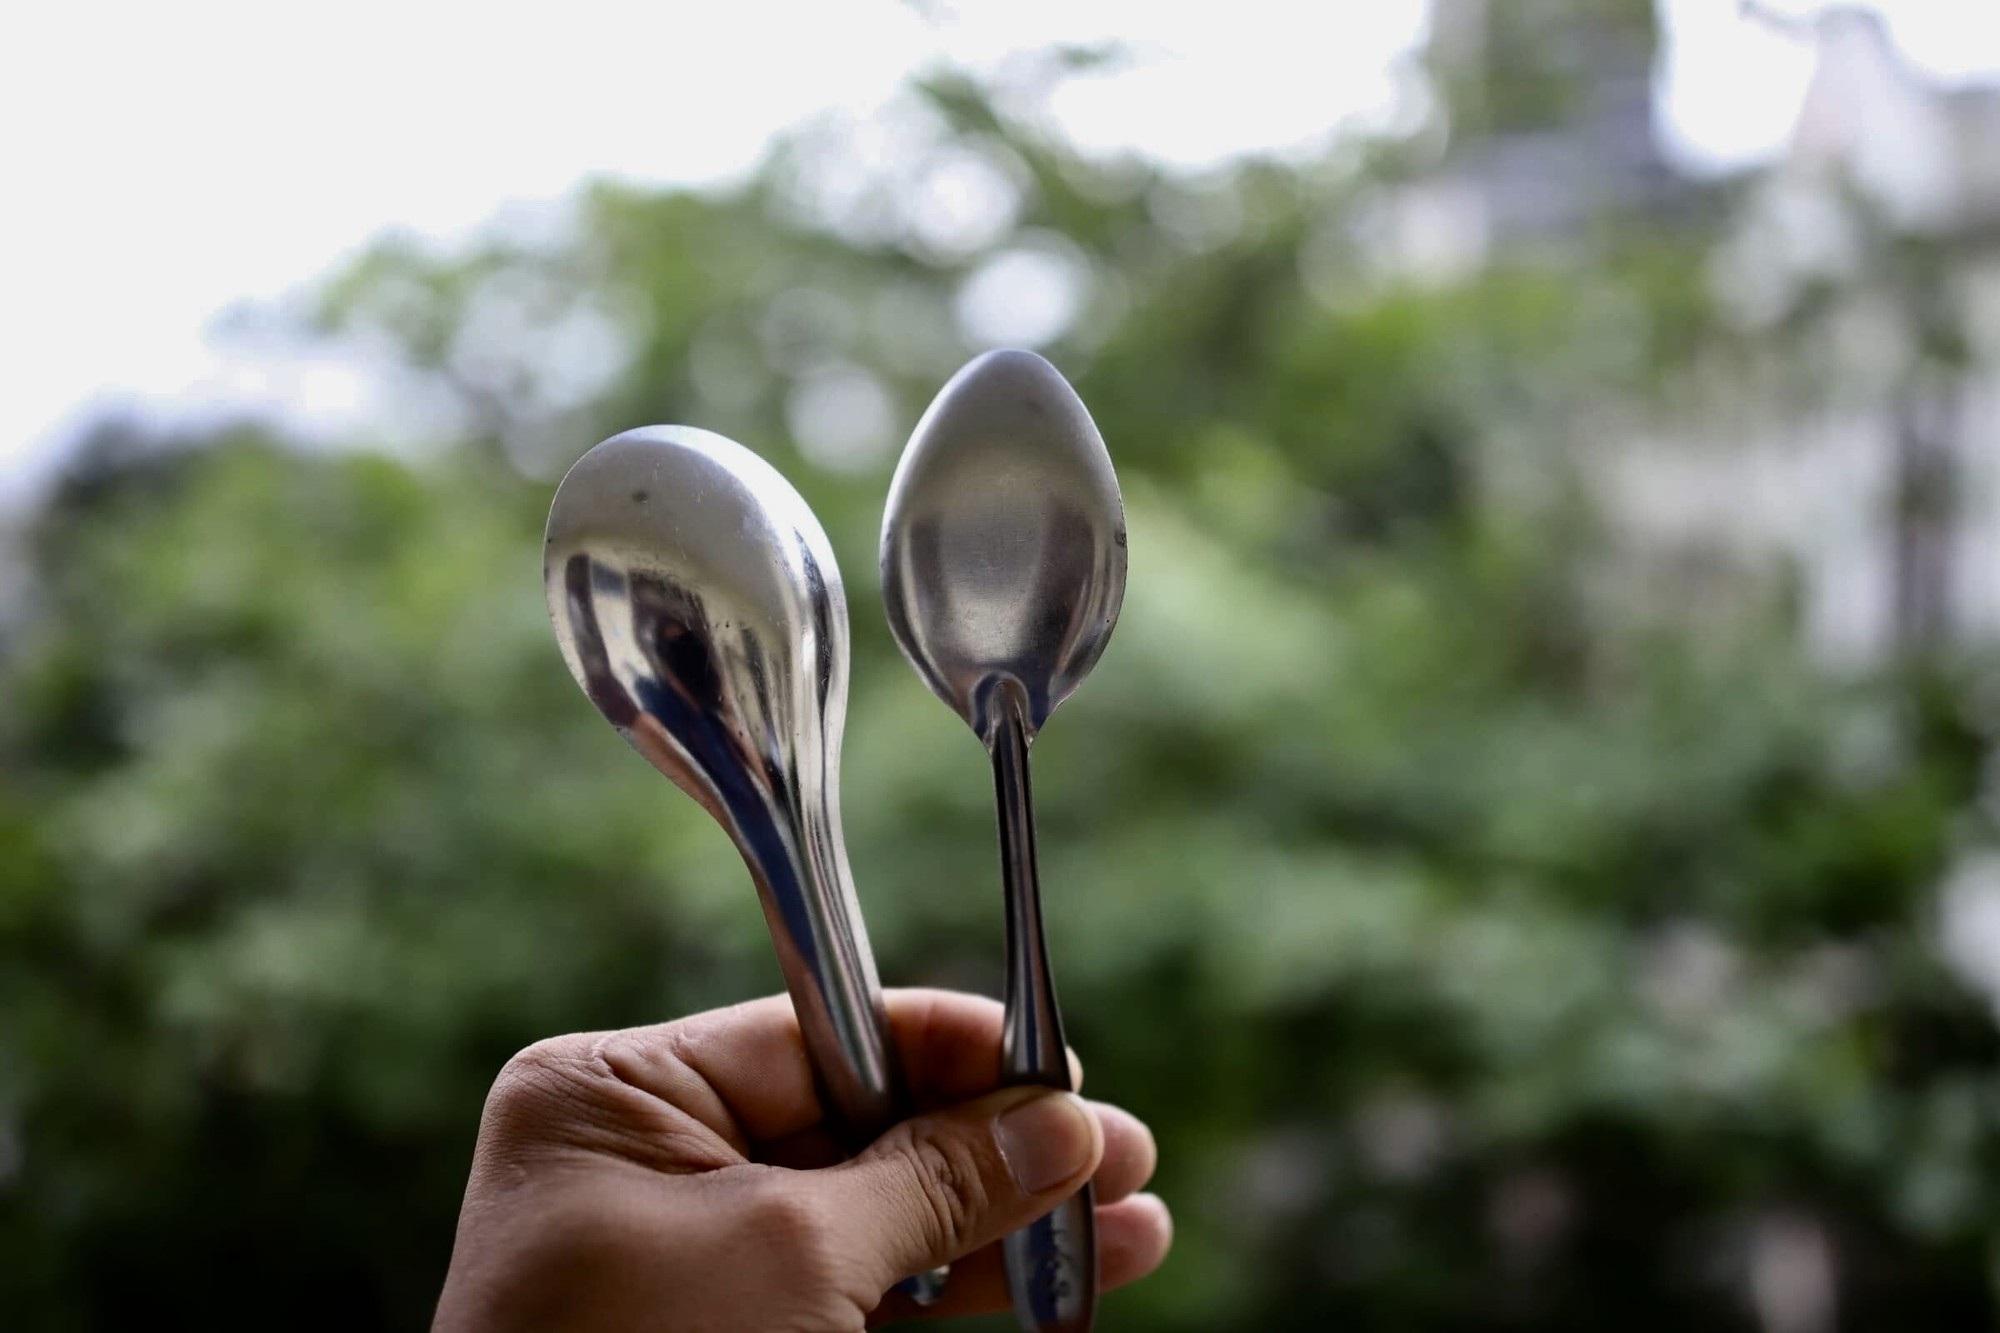 Đà Nẵng ngăn chặn ngộ độc thực phẩm với muỗng không rãnh - Ảnh 1.